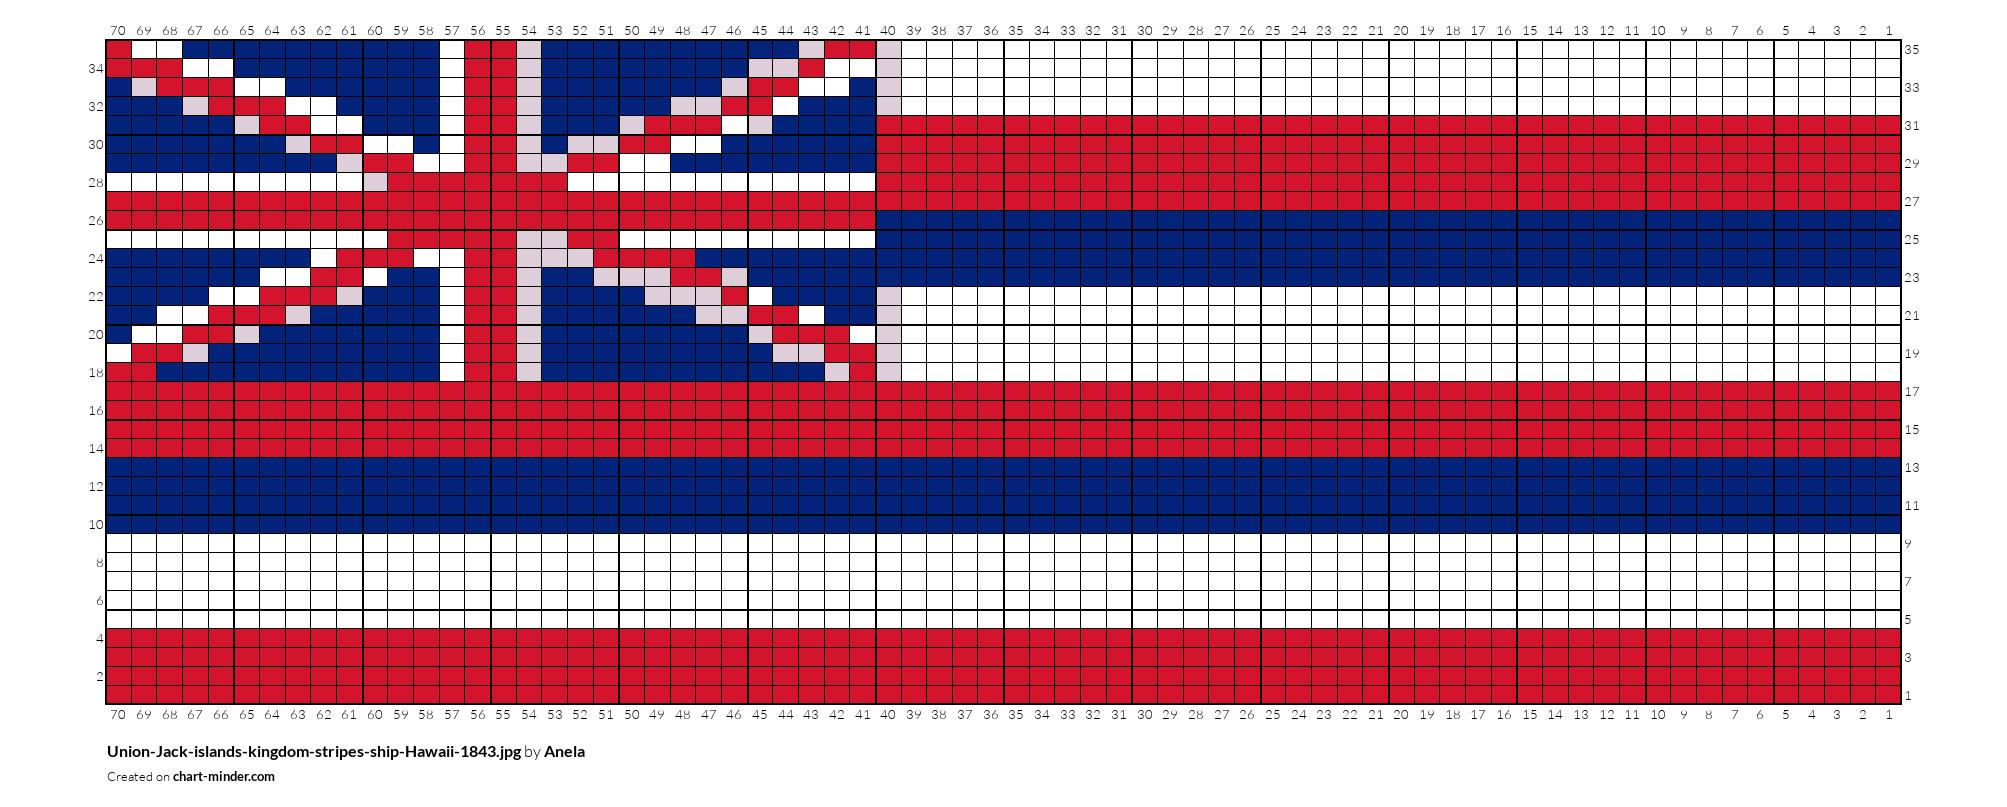 Union-Jack-islands-kingdom-stripes-ship-Hawaii-1843.jpg